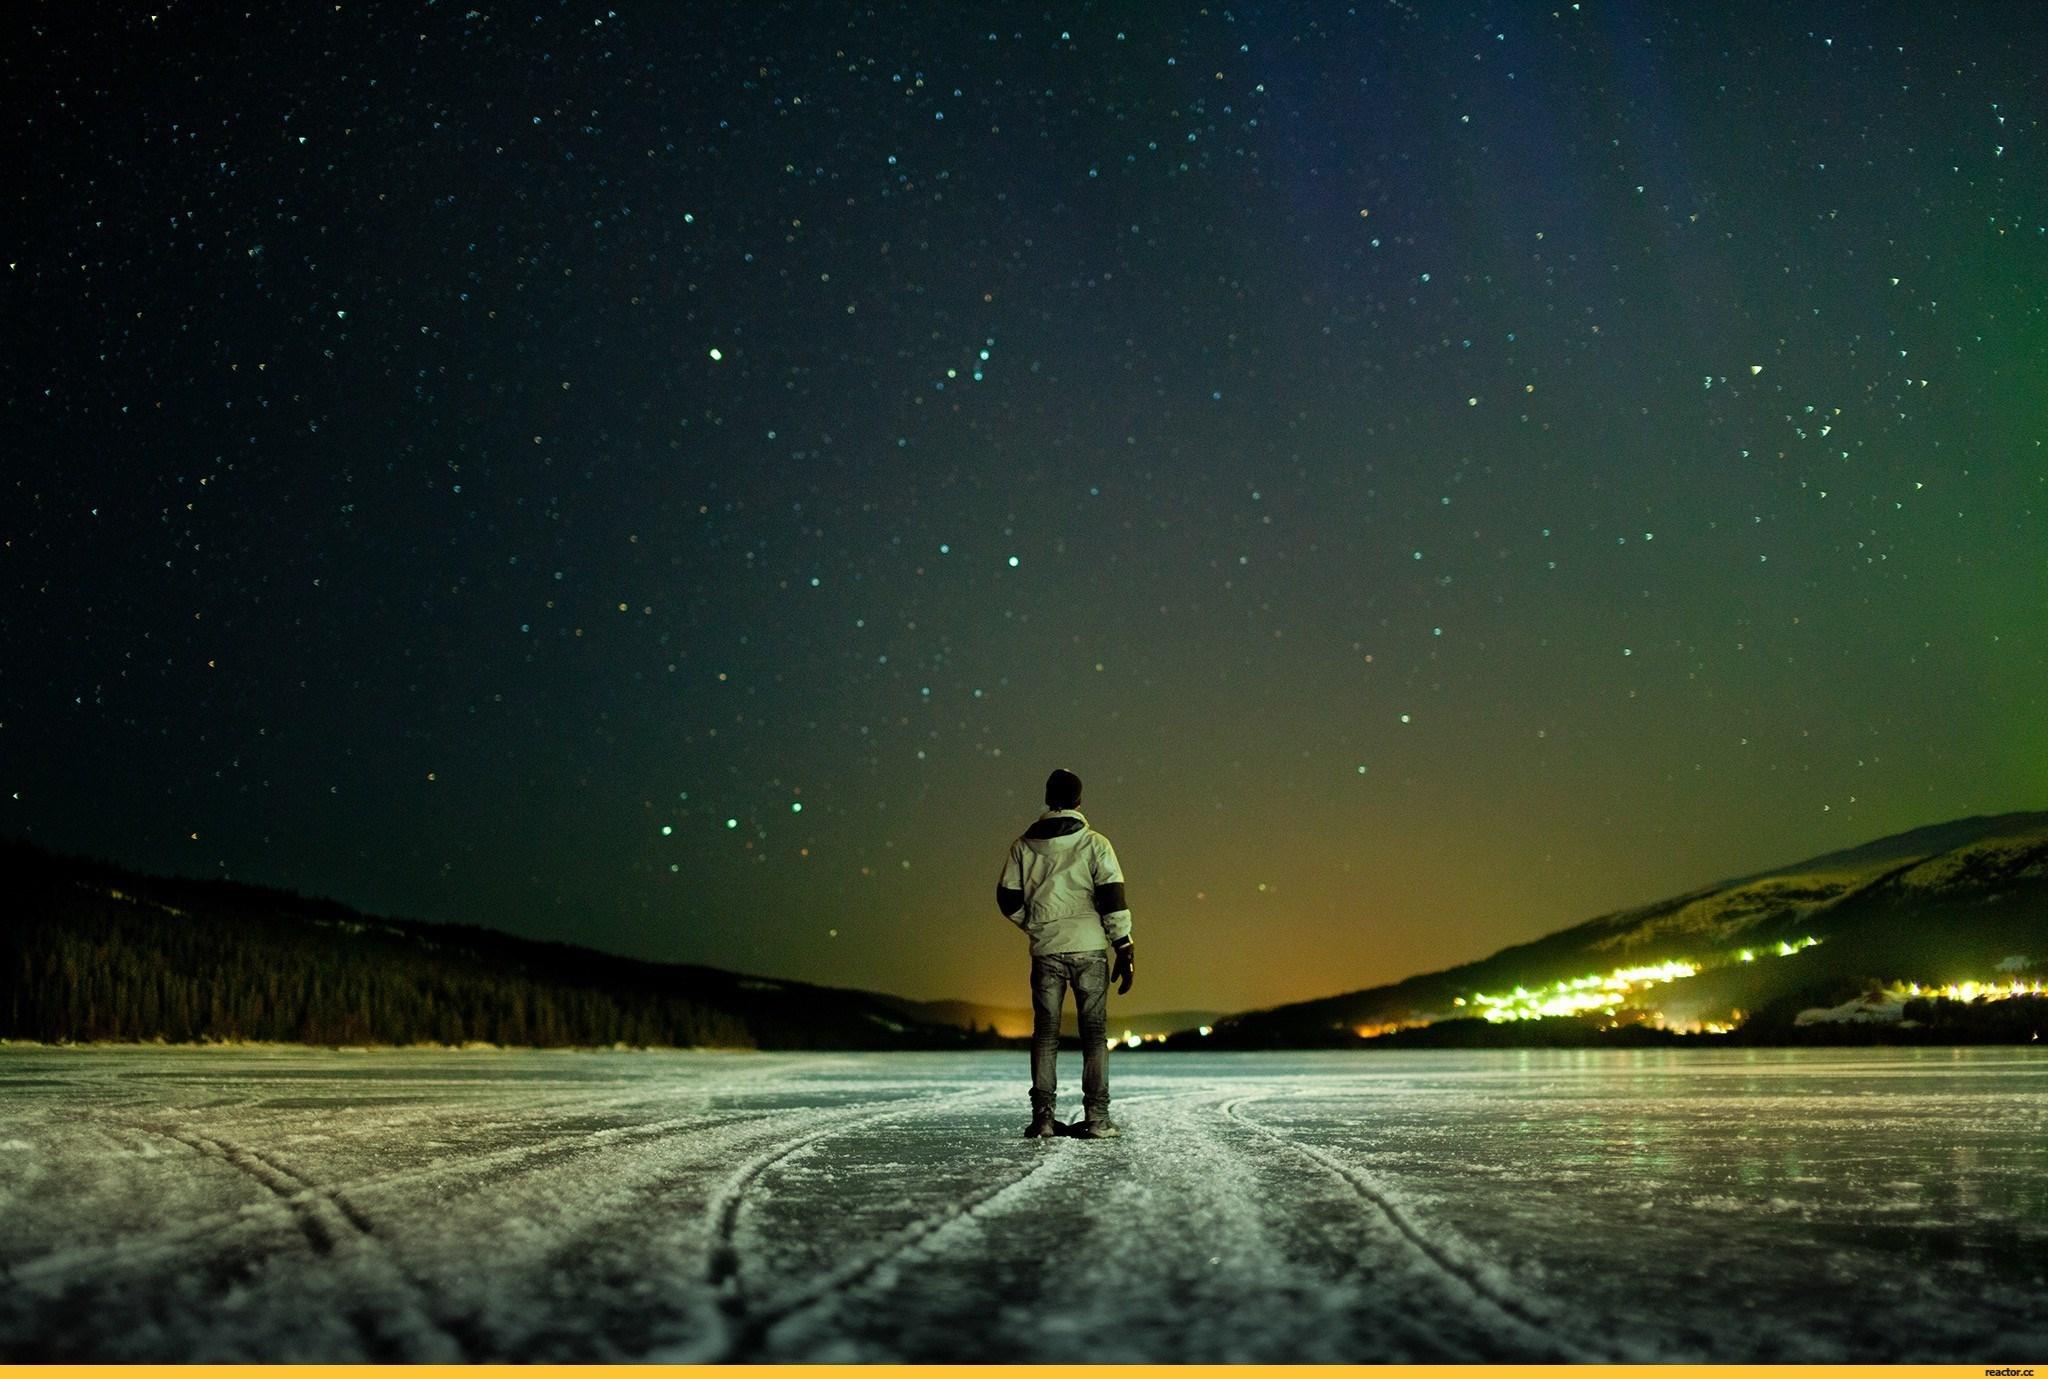 вишневая bmw под звездным небом  № 2384204 бесплатно